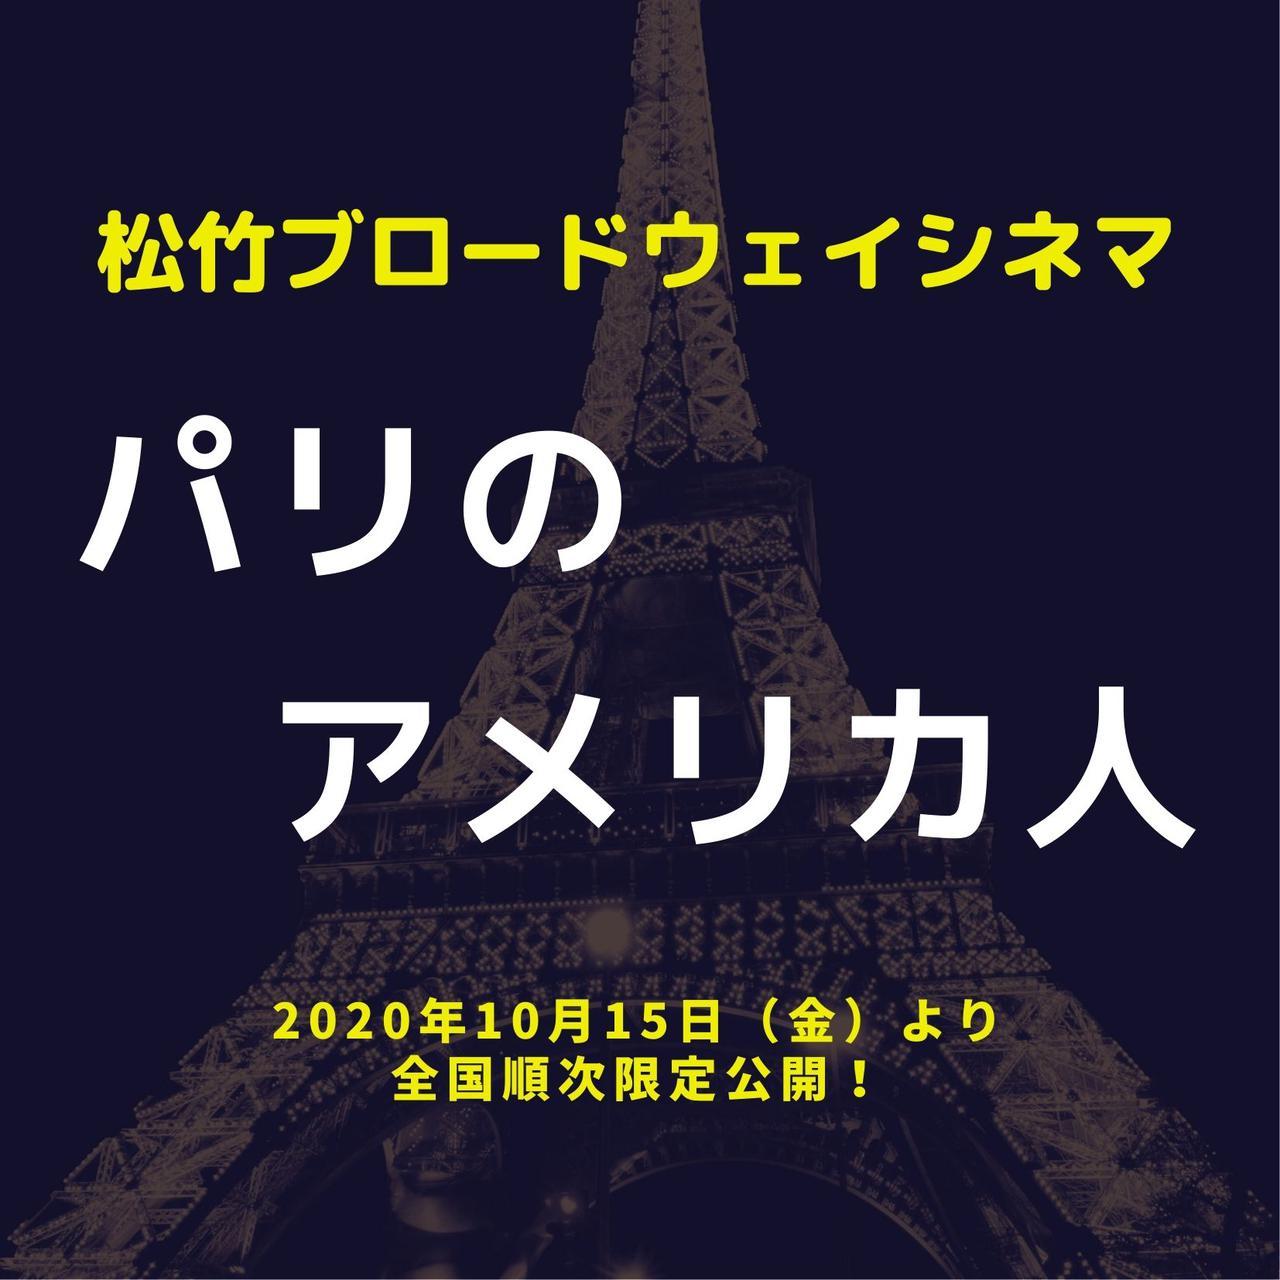 画像: 《全国》松竹ブロードウェイシネマ『パリのアメリカ人』2020年10月15日(金)より全国順次公開!ロバート・フェアチャイルド主演